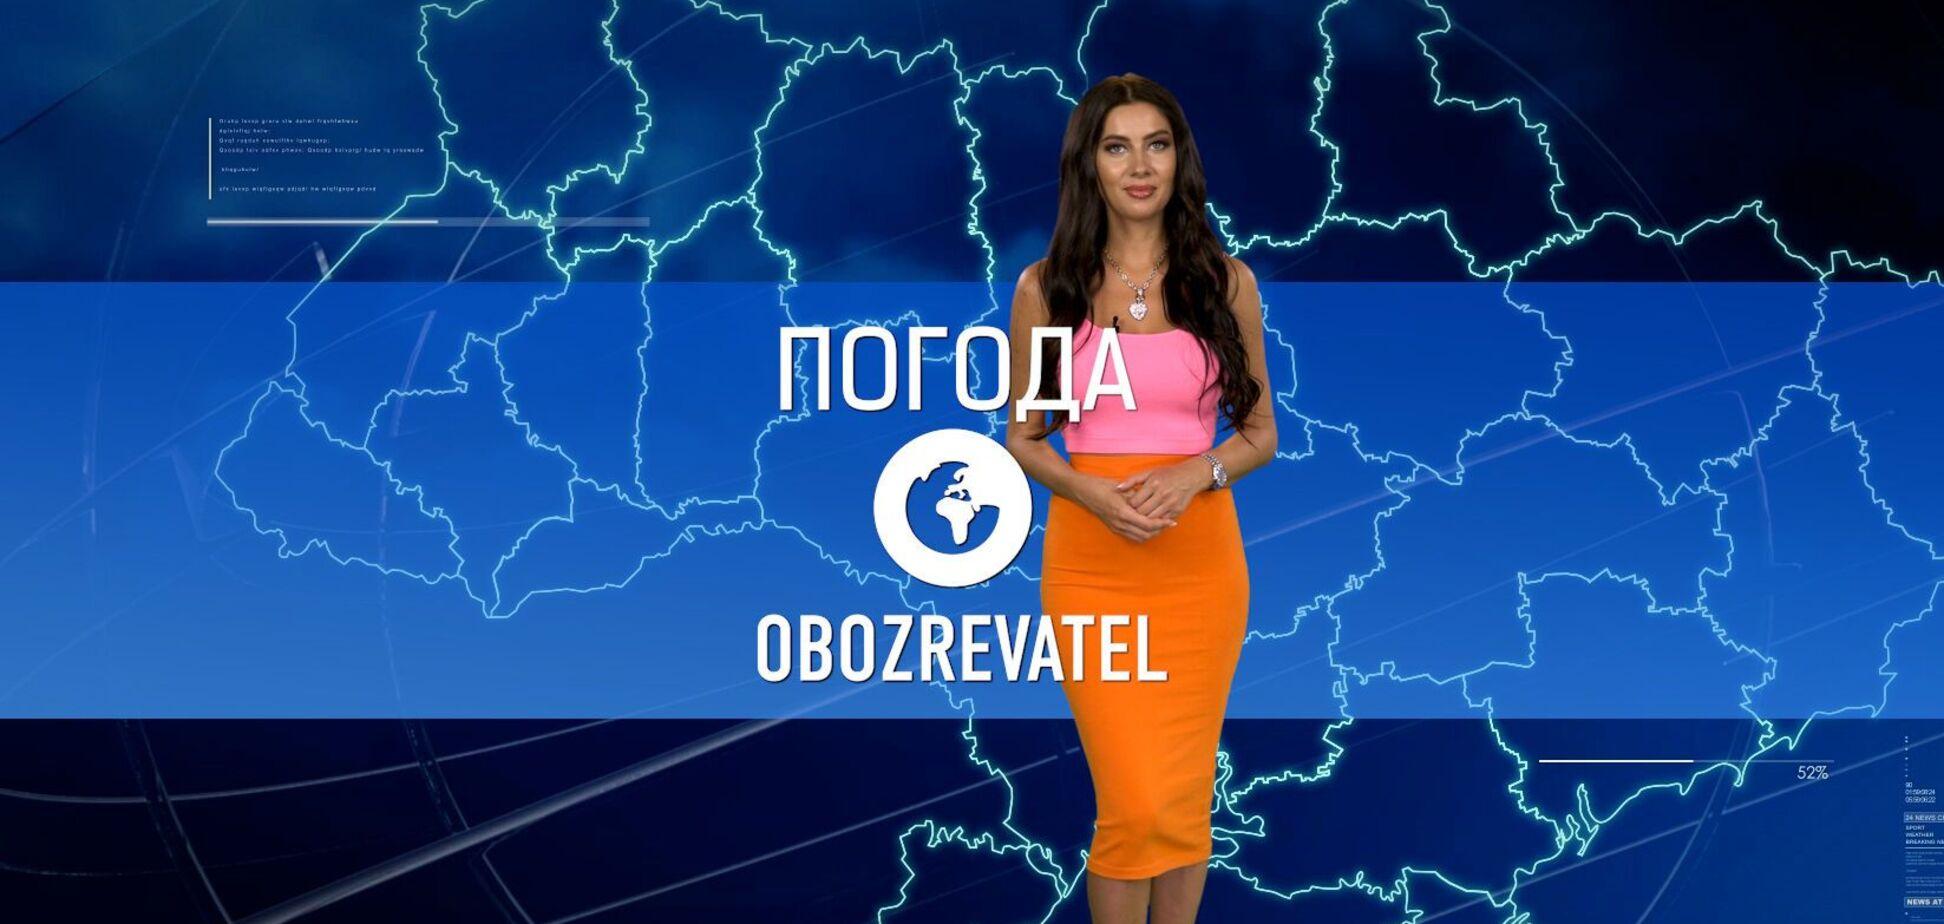 Прогноз погоди в Україні на четвер, 12 серпня, з Алісою Мярковською